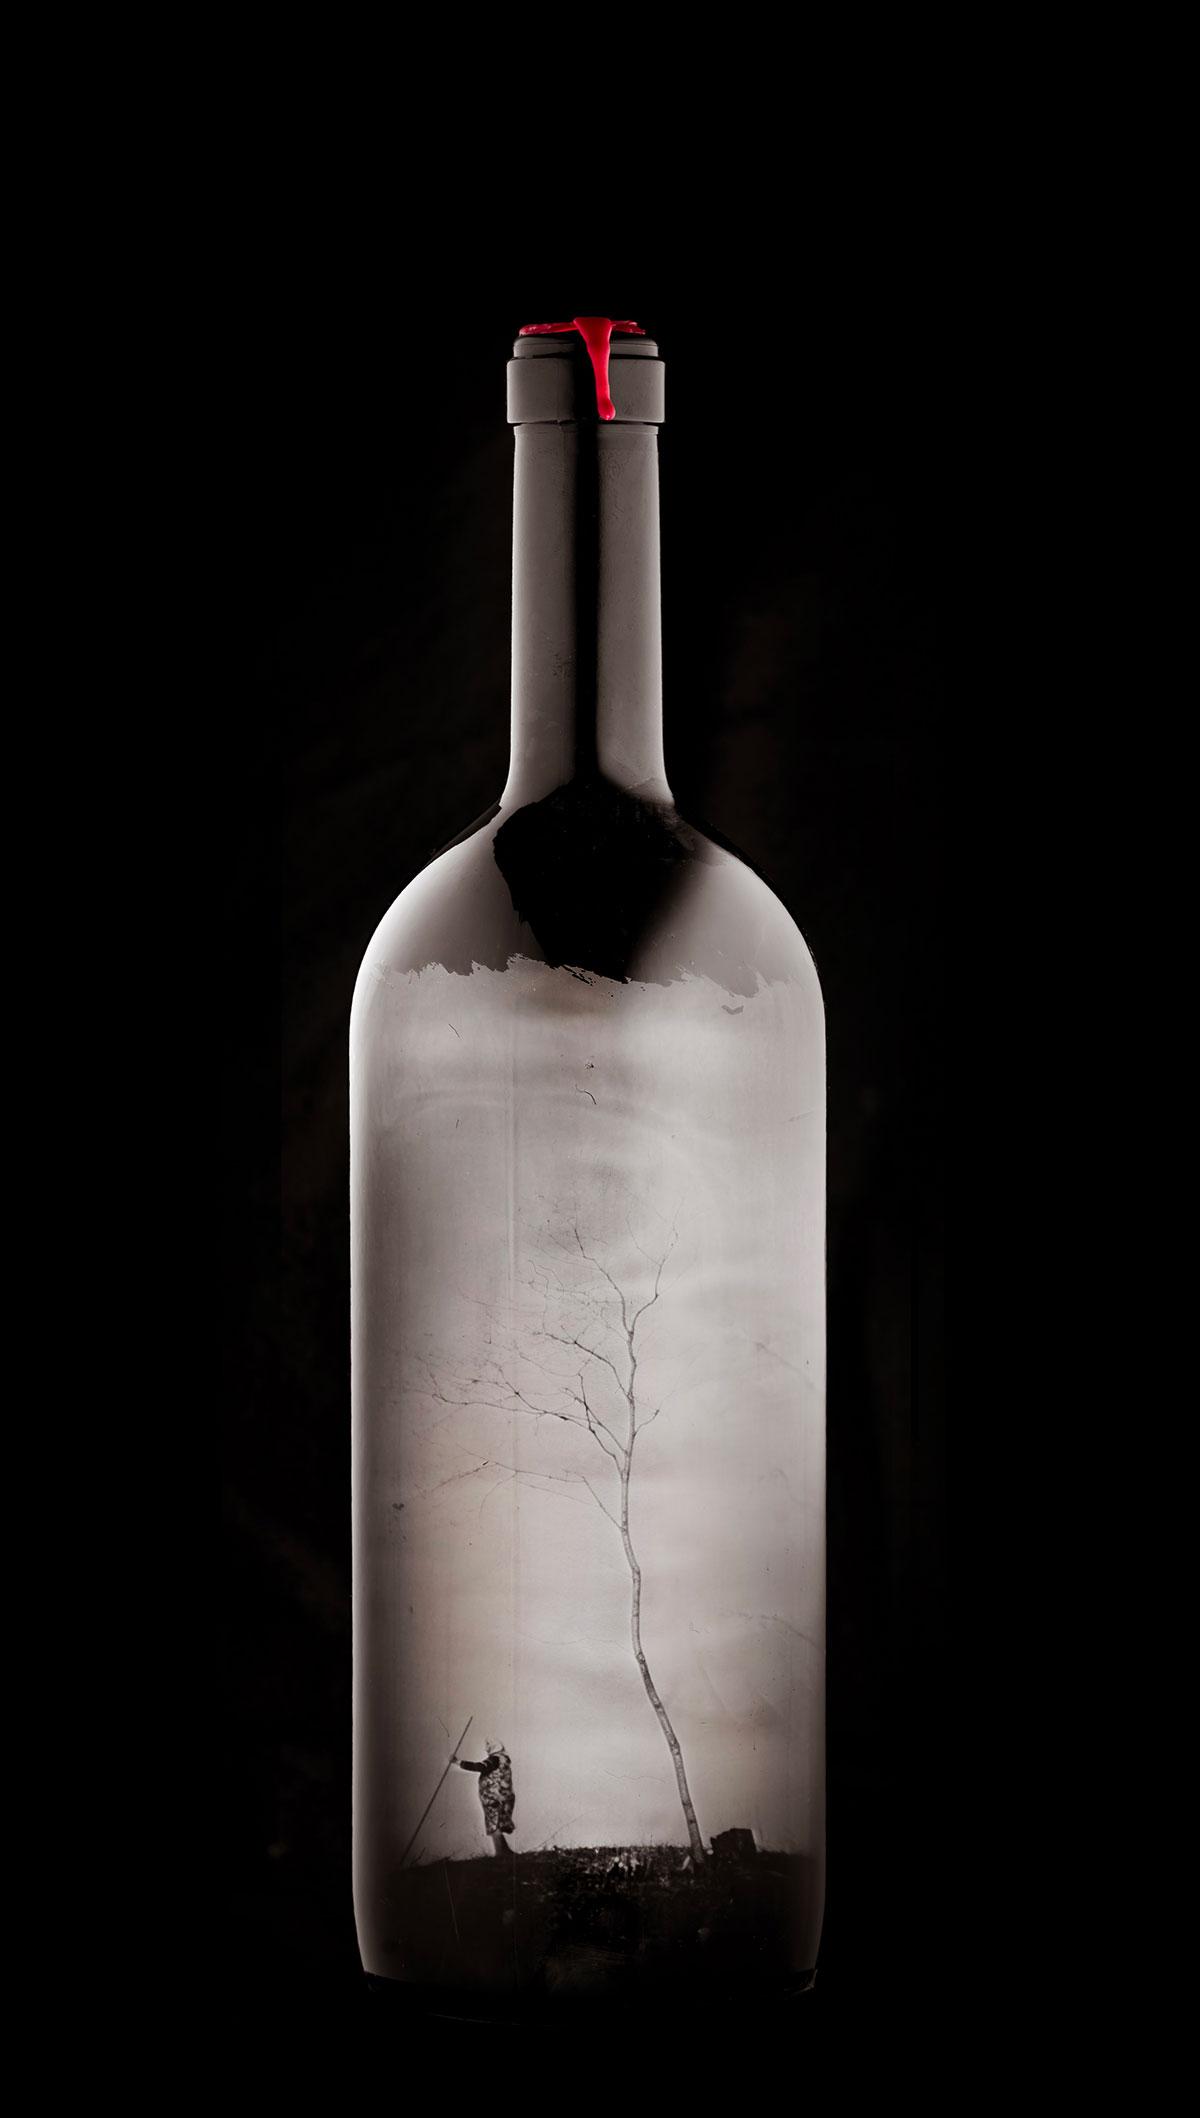 Package-Design-Bottle_Wine_Stefan-Sappert_02